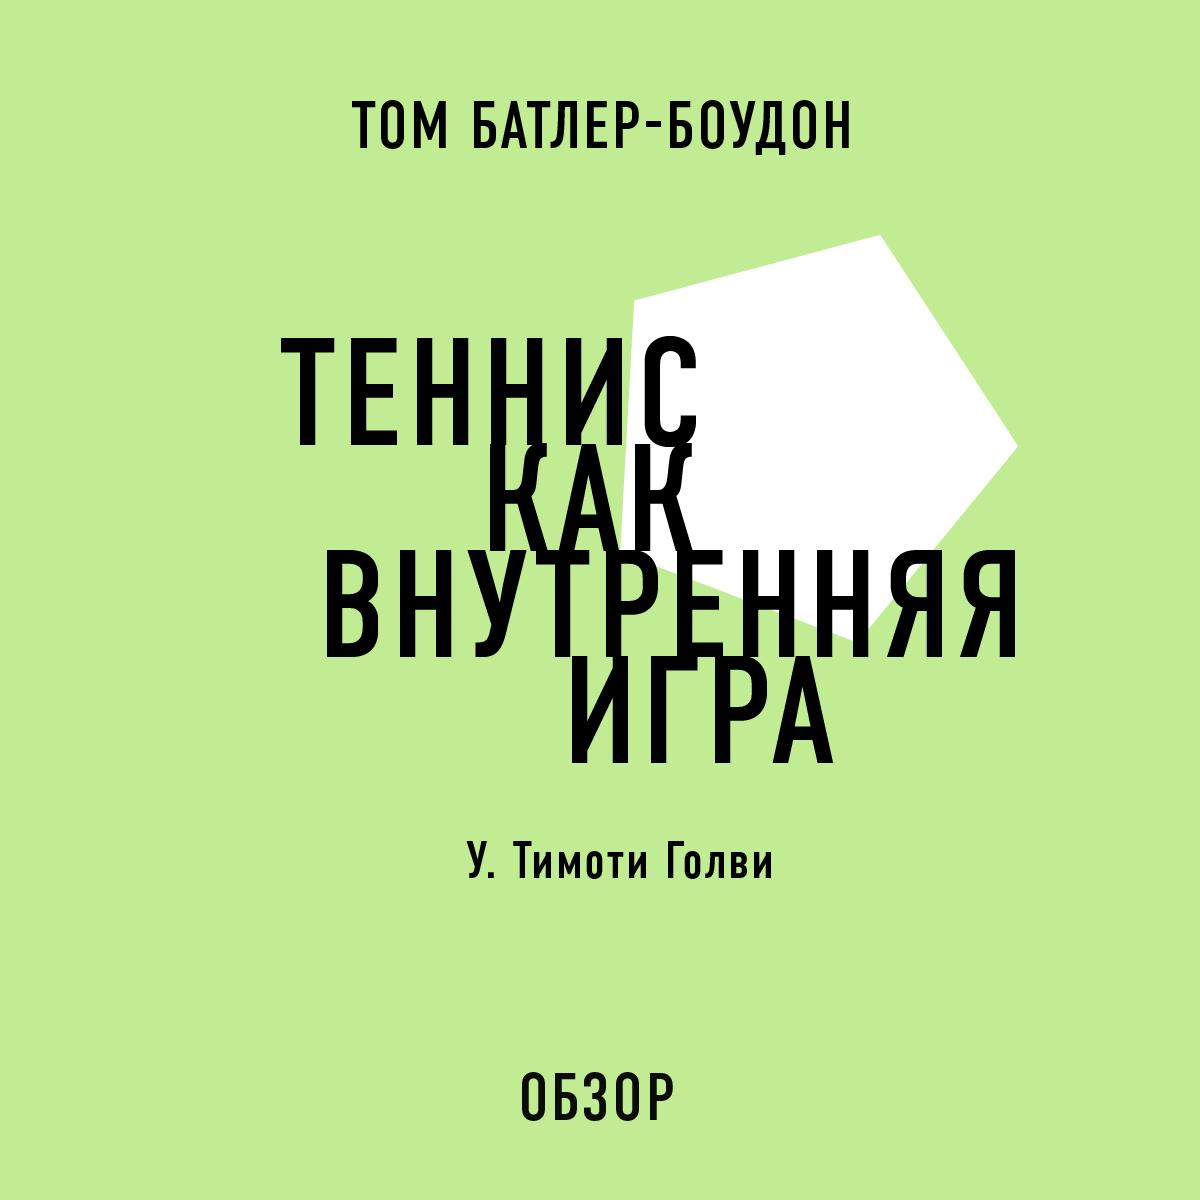 Том Батлер-Боудон Теннис как внутренняя игра. У. Тимоти Голви (обзор) том батлер боудон коучинг высокой эффективности джон уитмор обзор